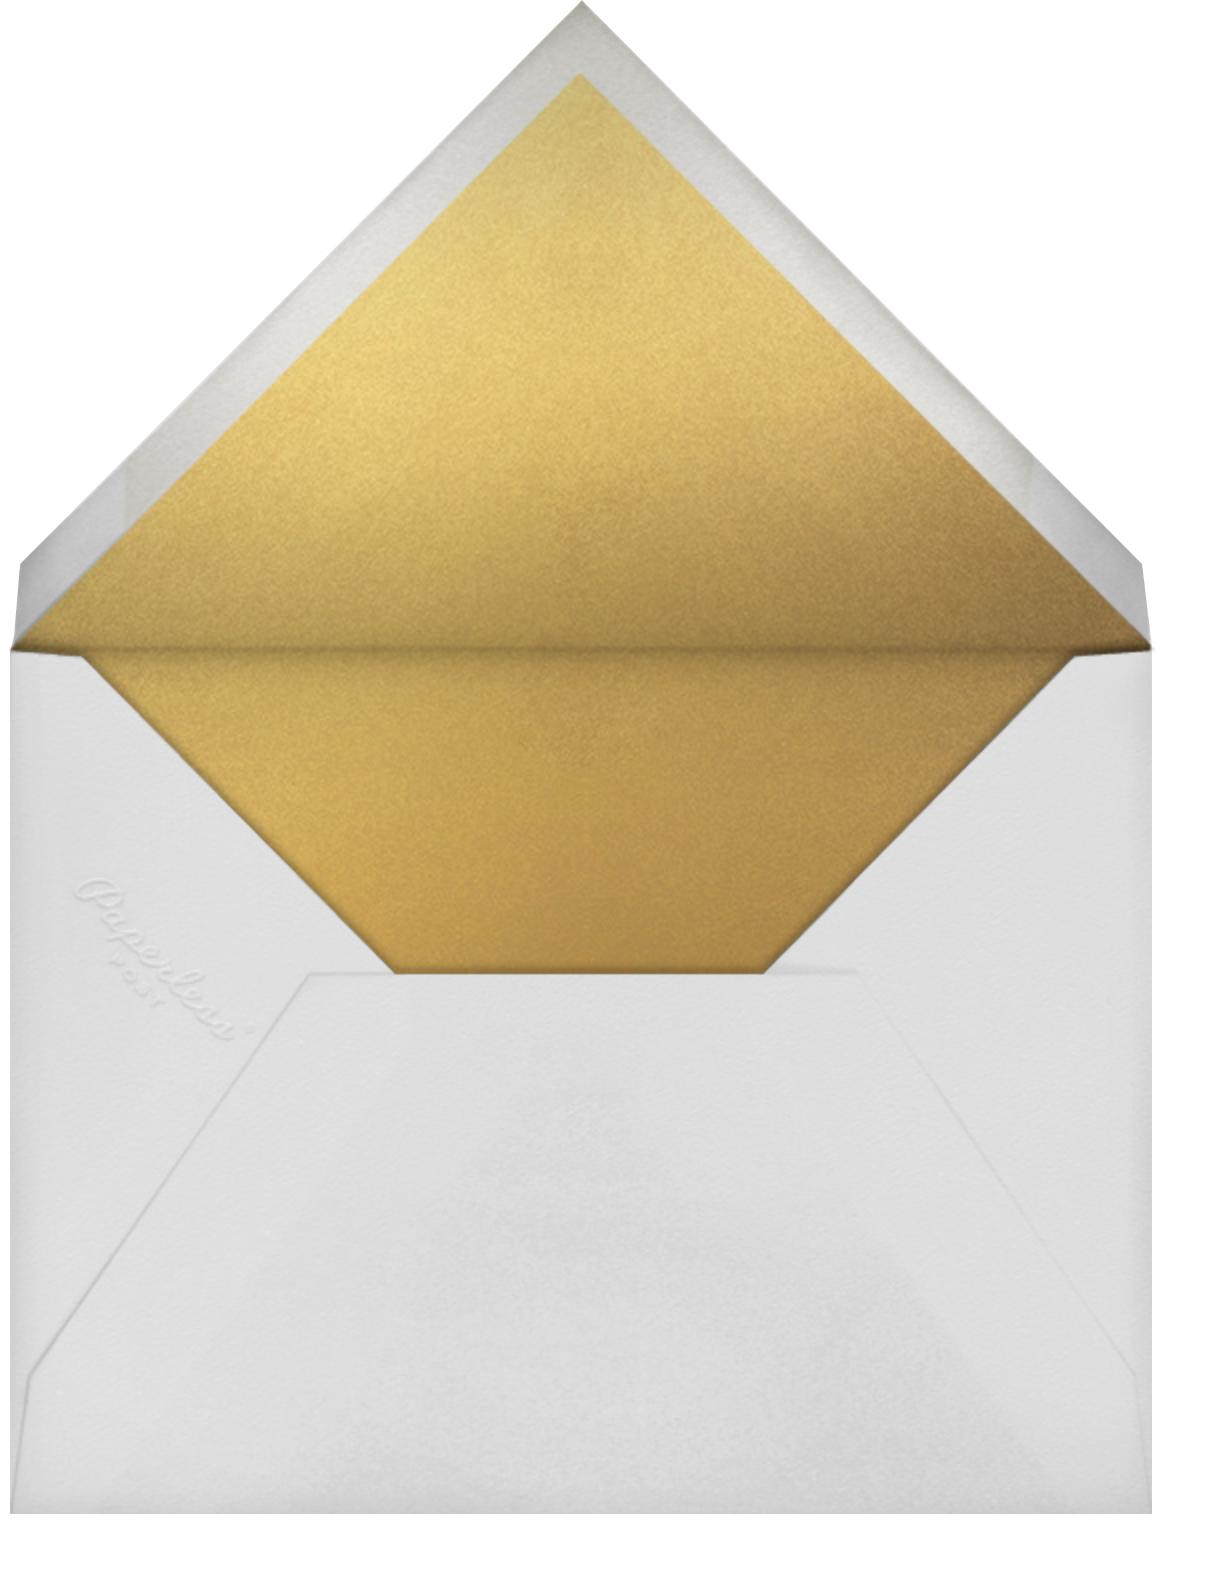 Shining Gold - Virtual - Paperless Post - Virtual parties - envelope back